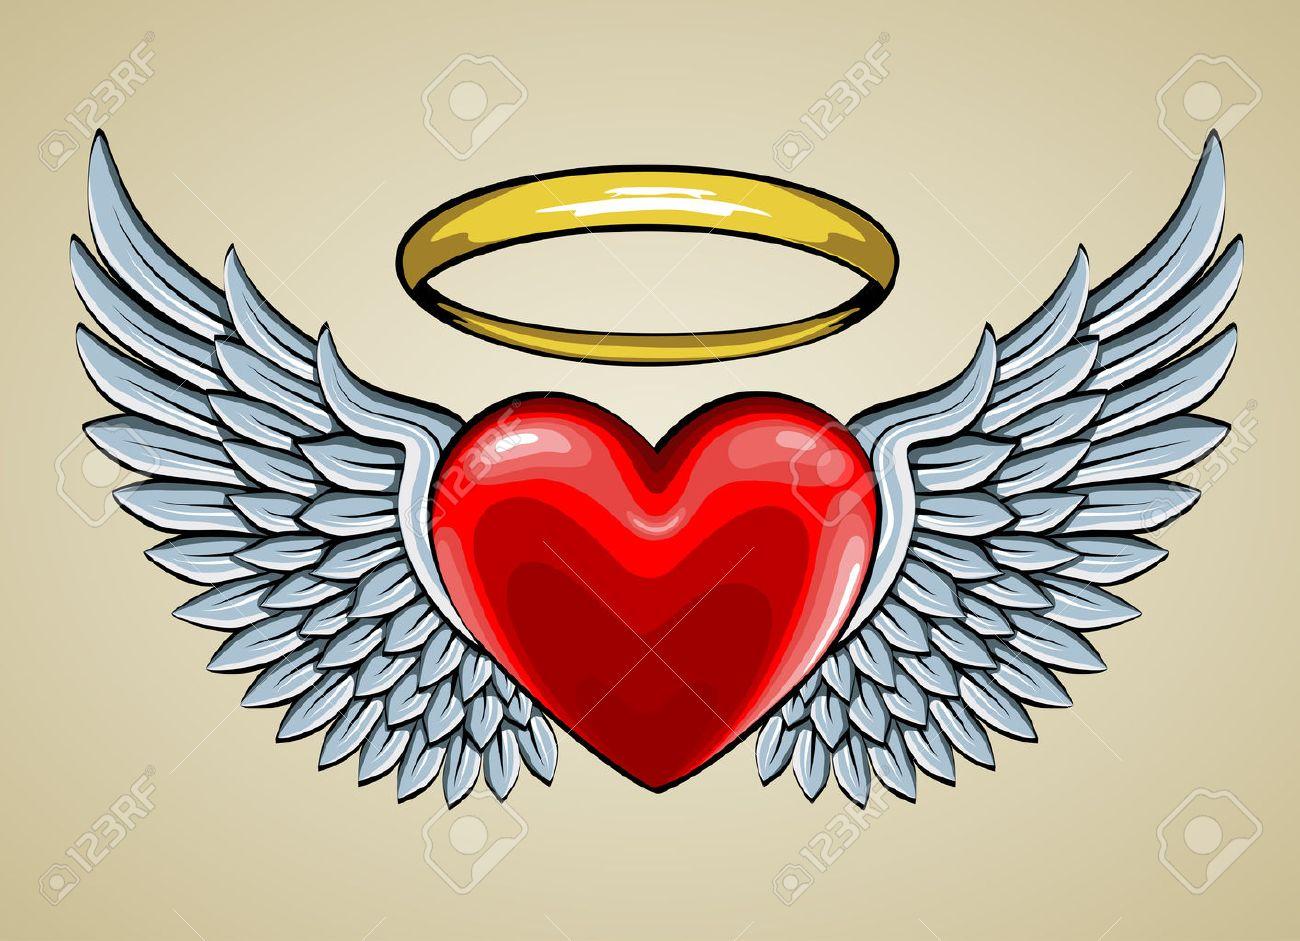 Corazón Rojo Con Alas De ángel Y Aureola Ilustraciones Vectoriales